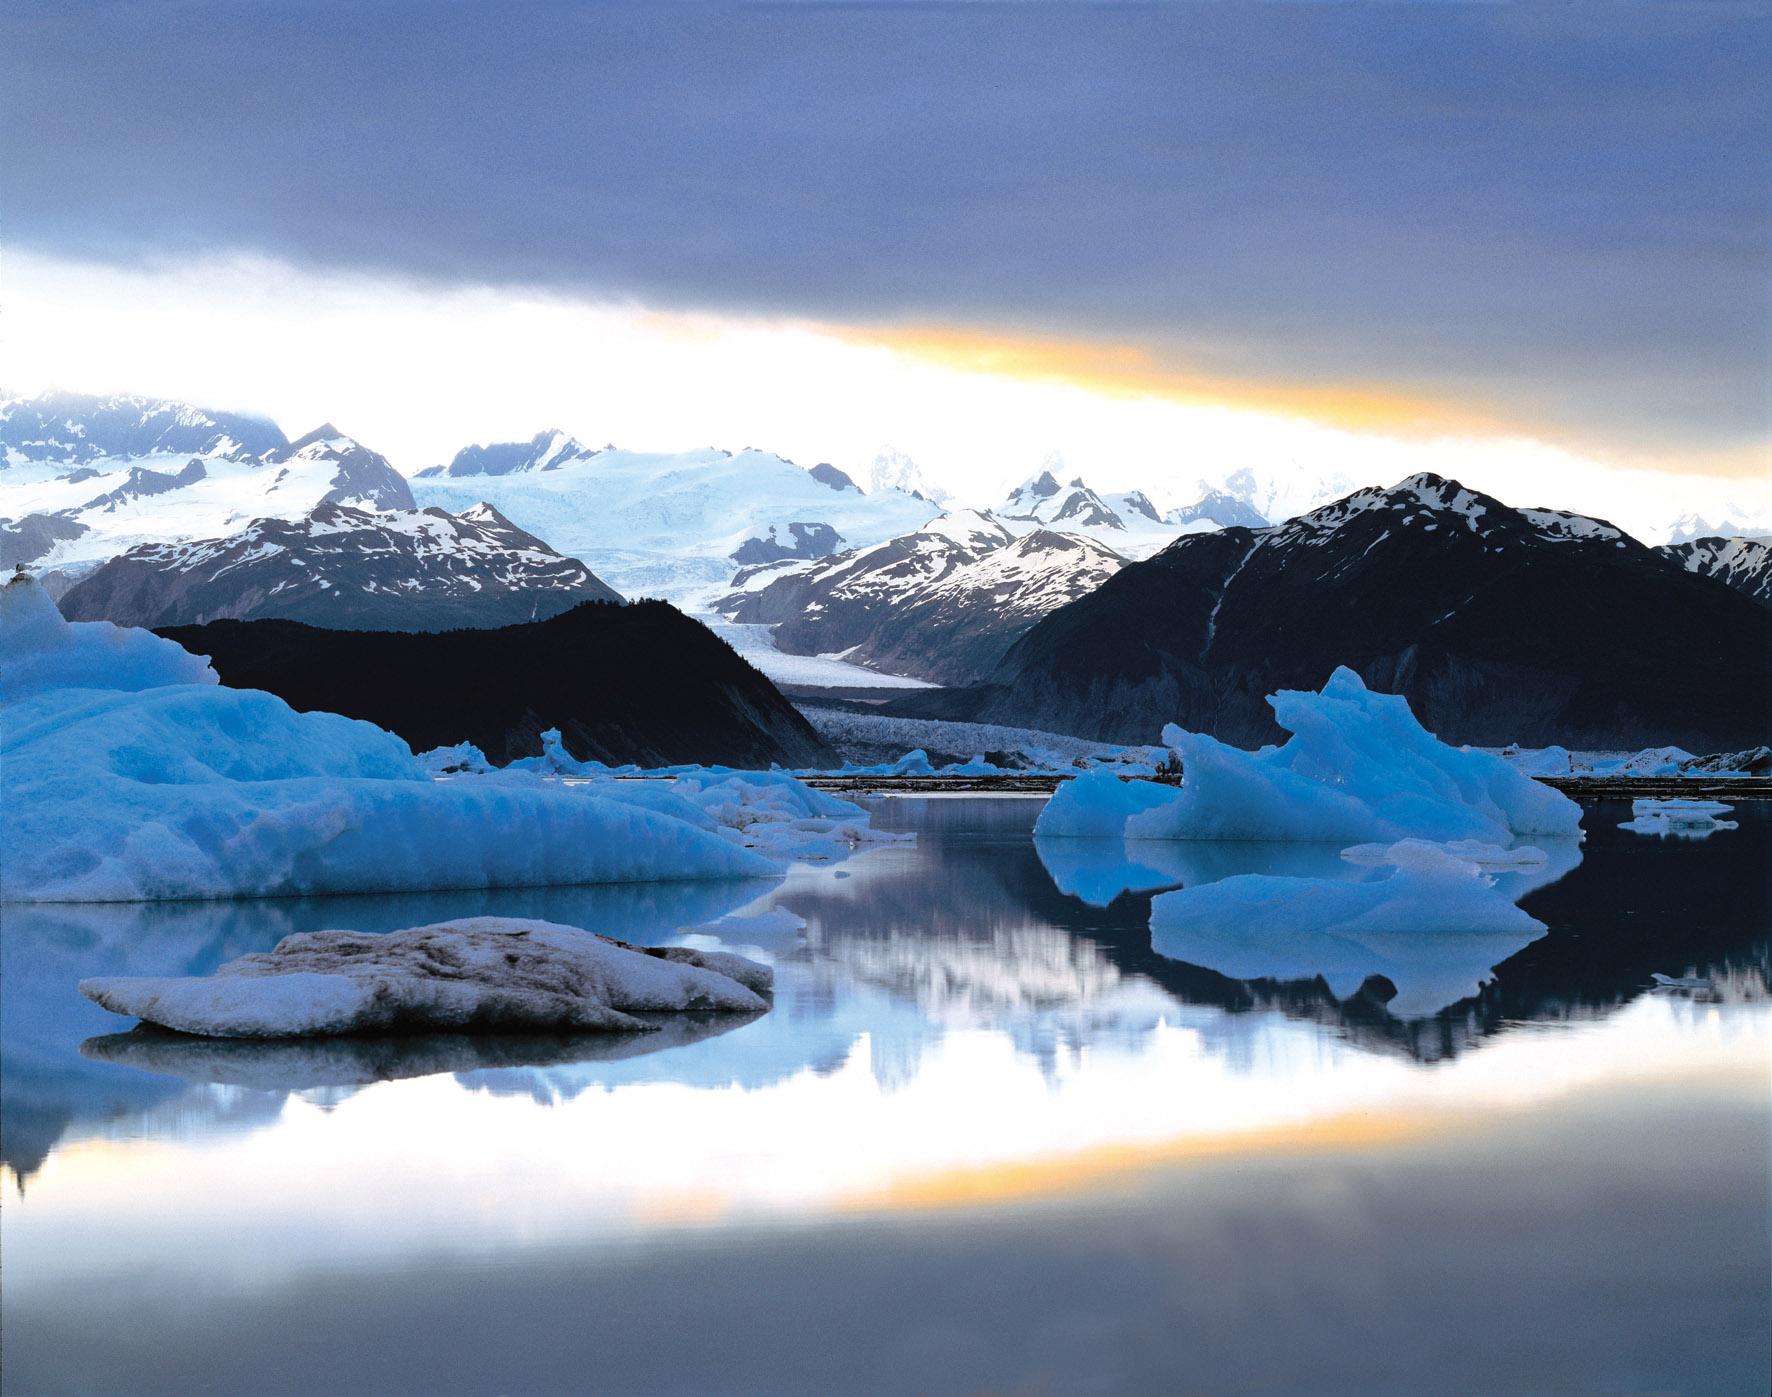 http://www.charterworld.com/news/wp-content/uploads/2011/12/Stunning-Alaska.jpg